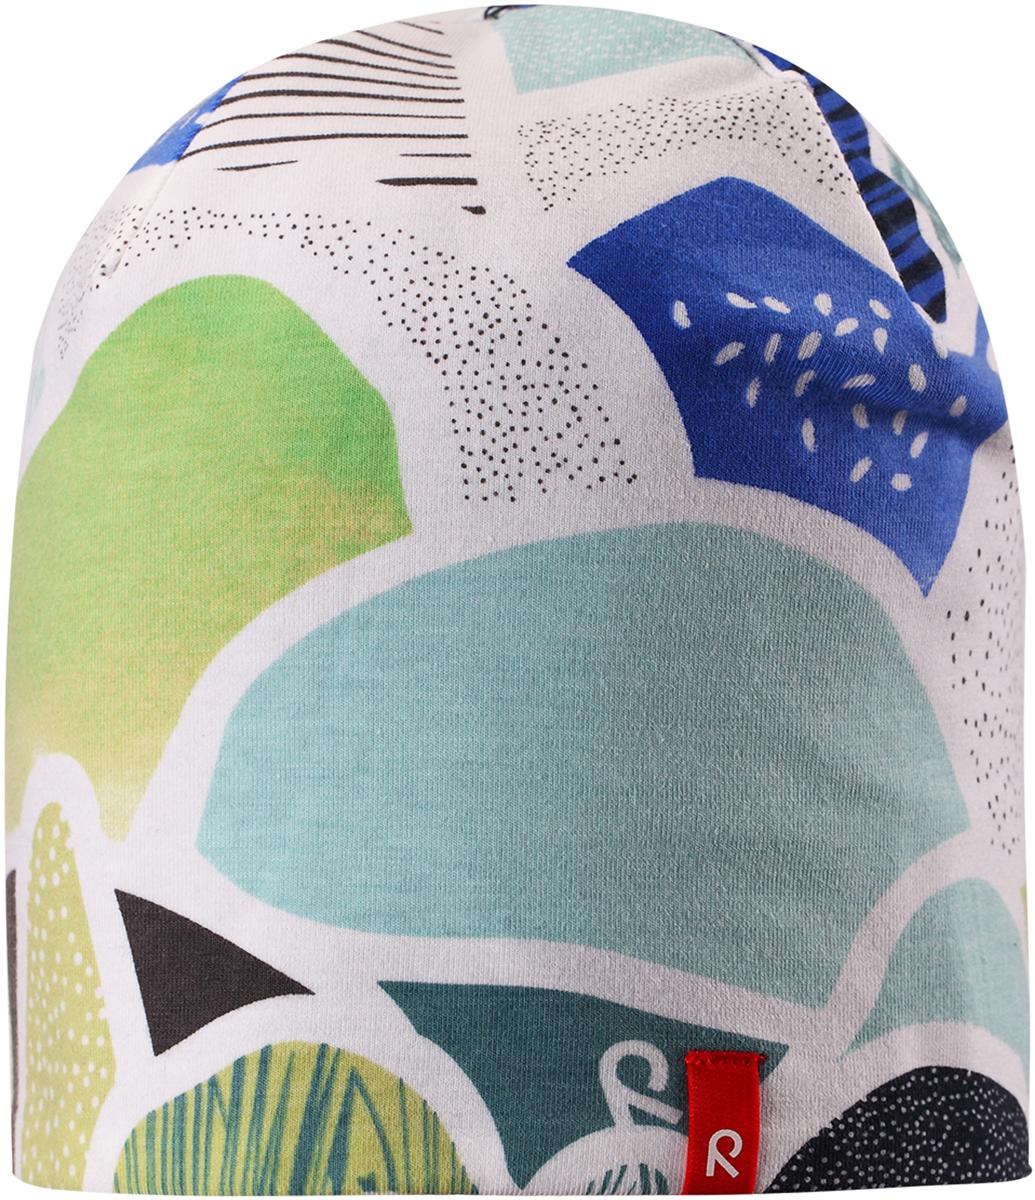 Шапка детская Reima, цвет: белый. 5285838711. Размер 525285838711Легкая двусторонняя шапка от Reima изготовлена из хлопка с добавлением полиэстера и эластана. Озорная двухсторонняя шапка меняет цвет в одно мгновение!